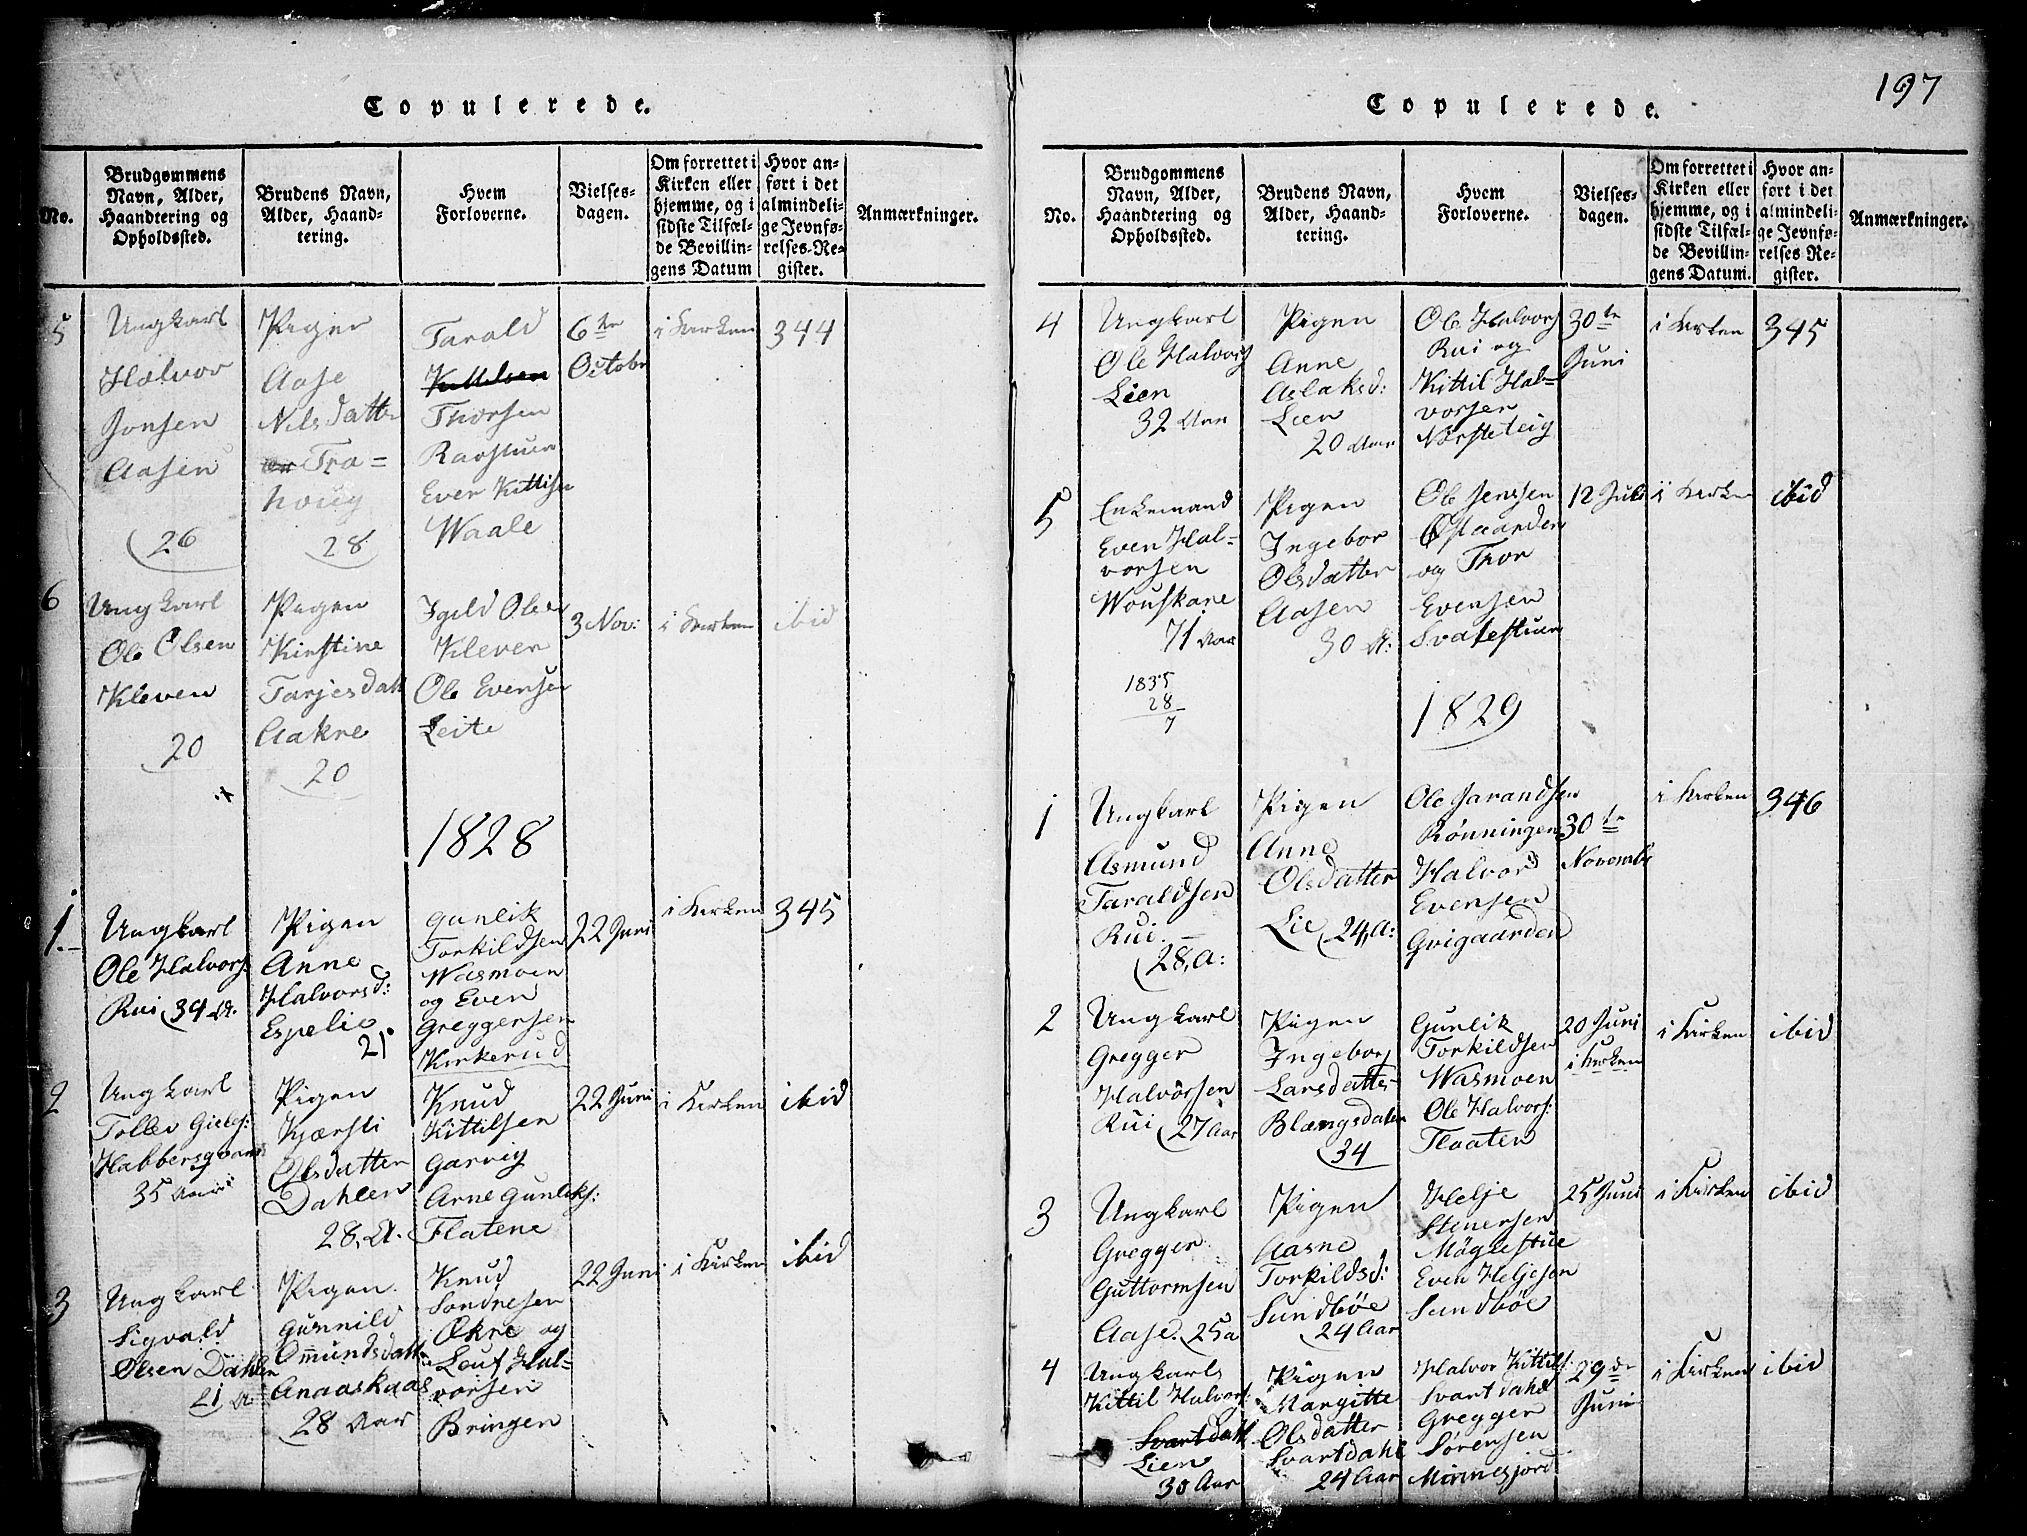 SAKO, Seljord kirkebøker, G/Gb/L0002: Klokkerbok nr. II 2, 1815-1854, s. 197